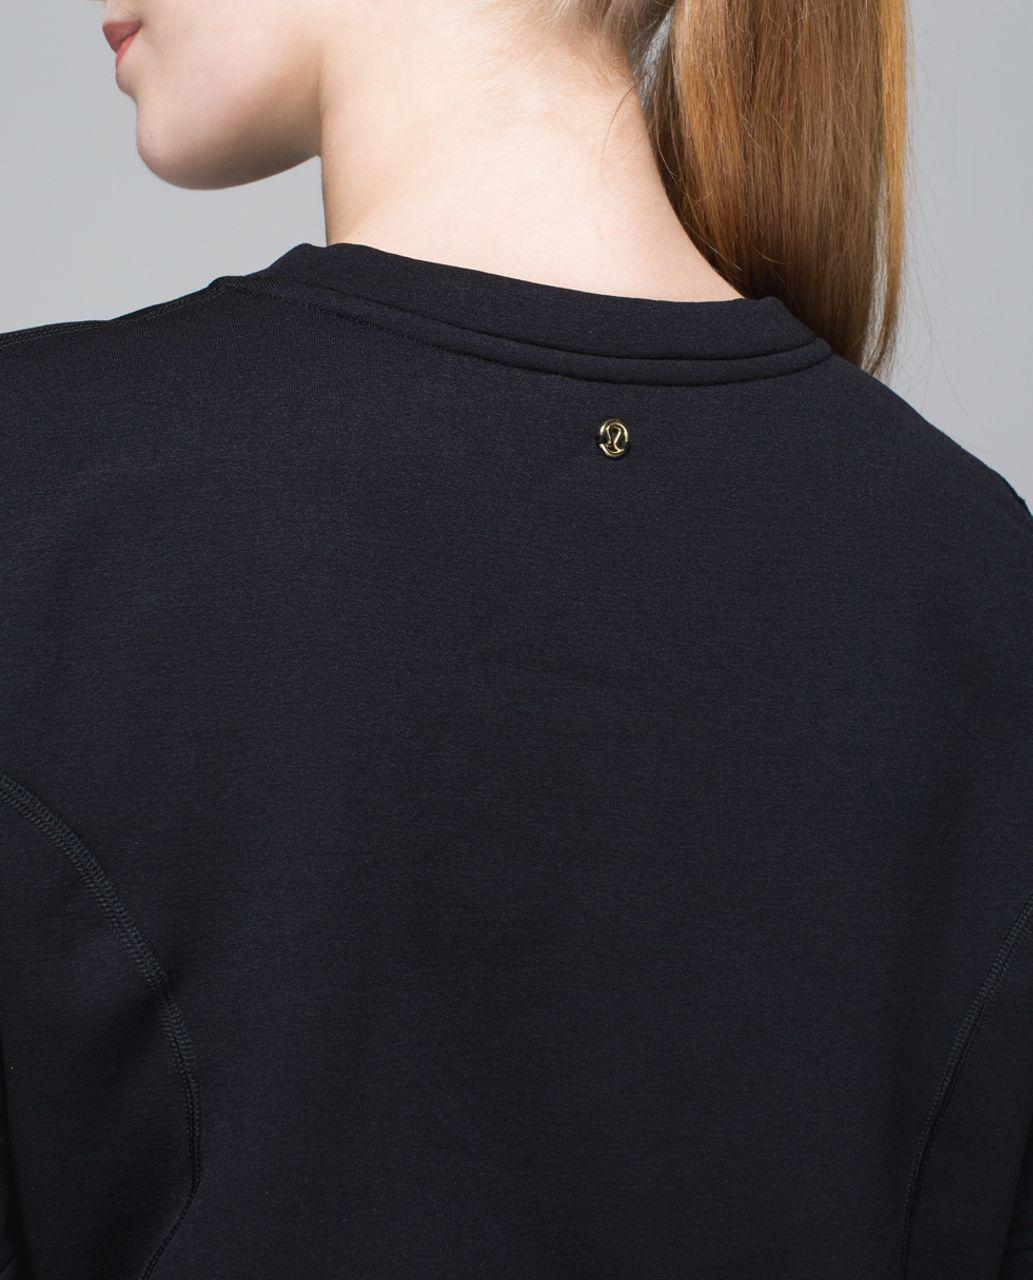 Lululemon Peplum Pullover - Black